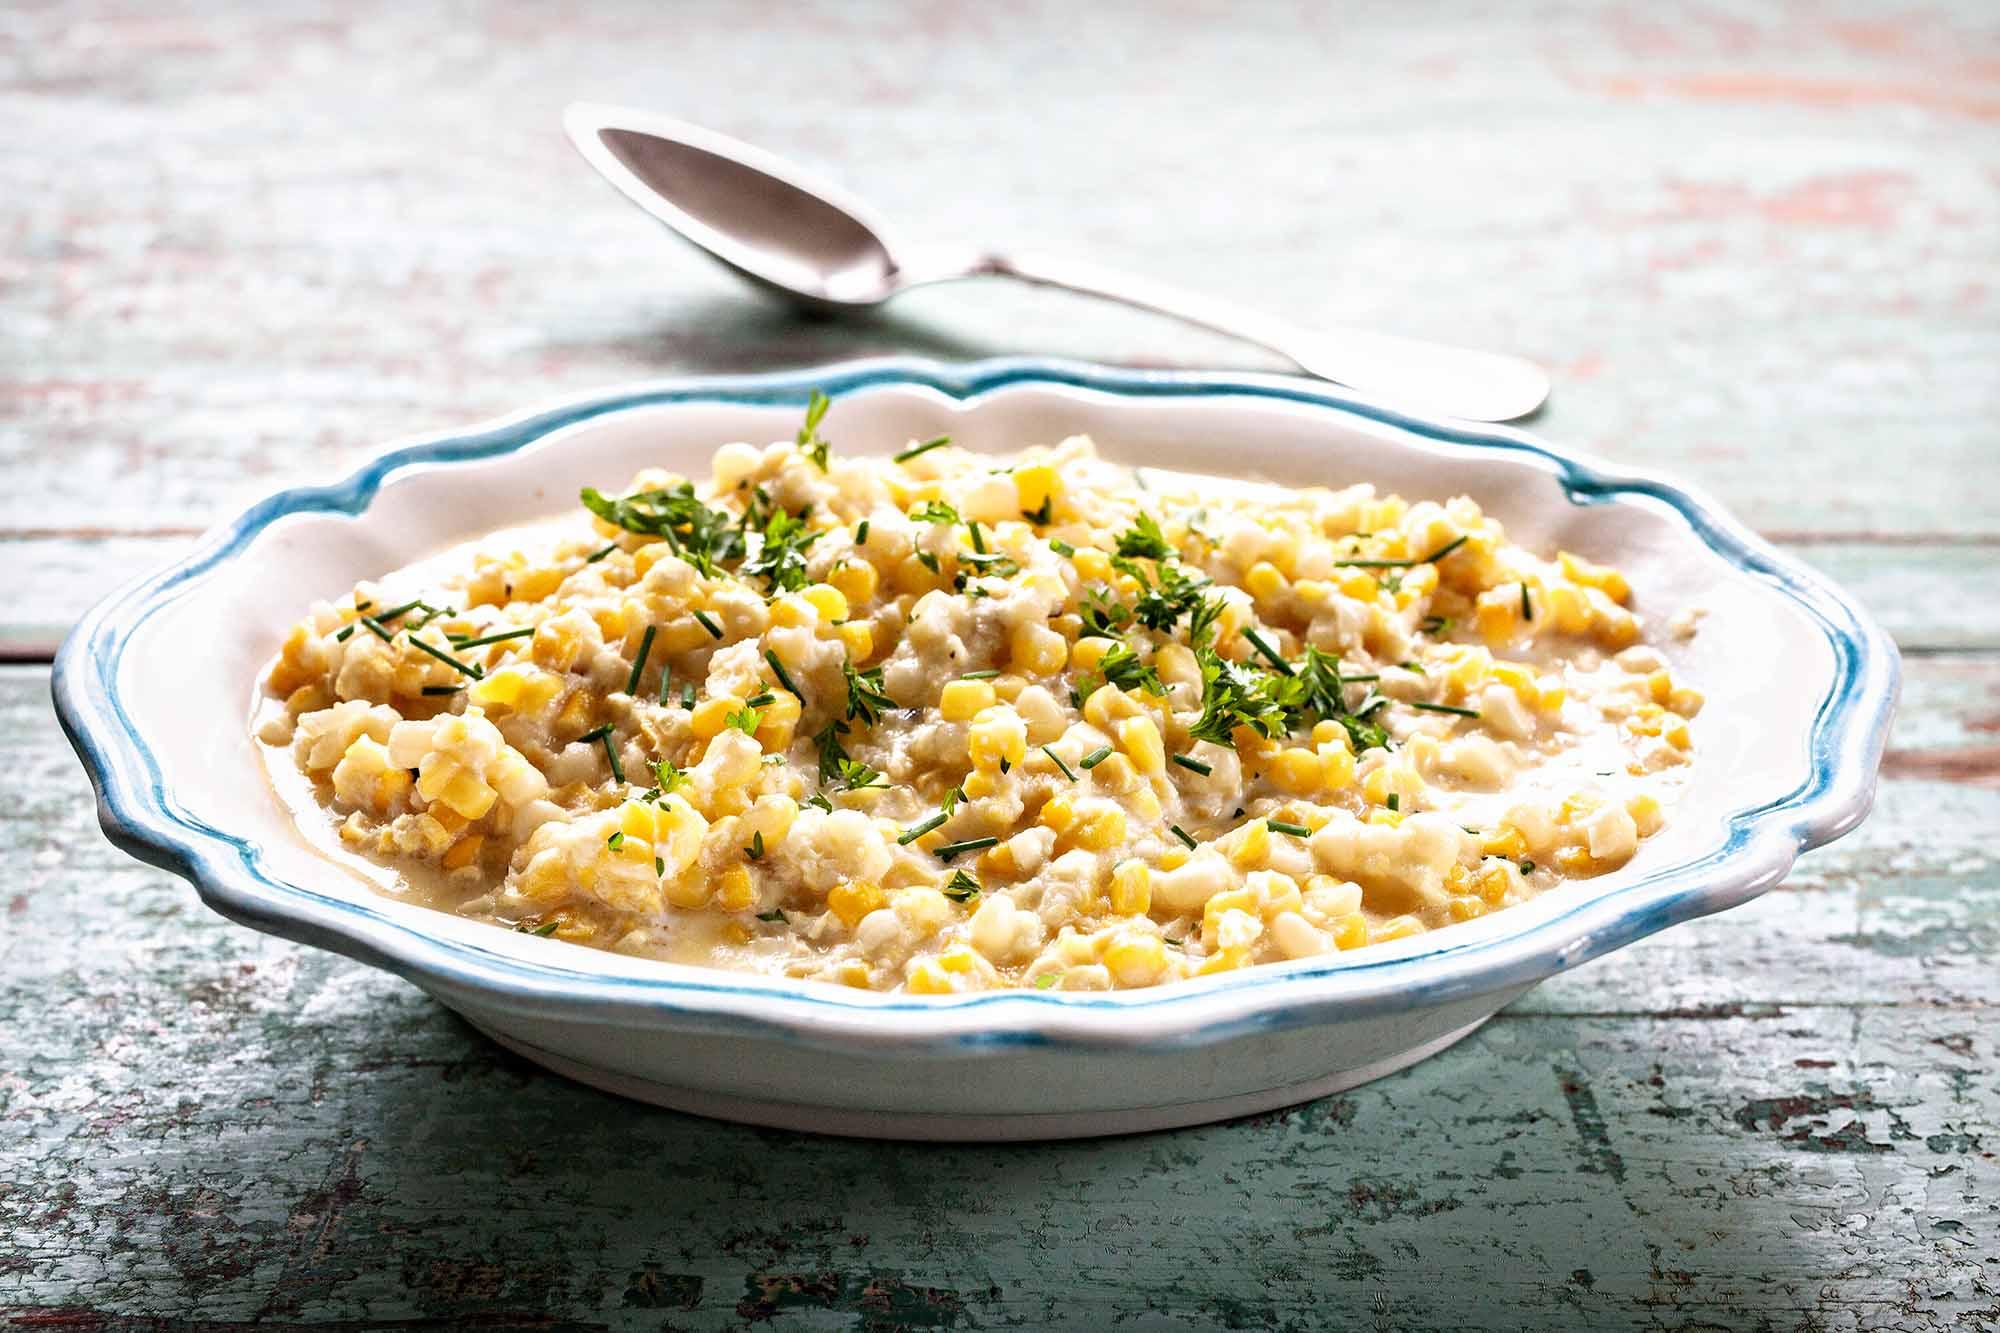 Лучший рецепт кремовой кукурузы - чаша кремовой кукурузы с ложкой и зеленью